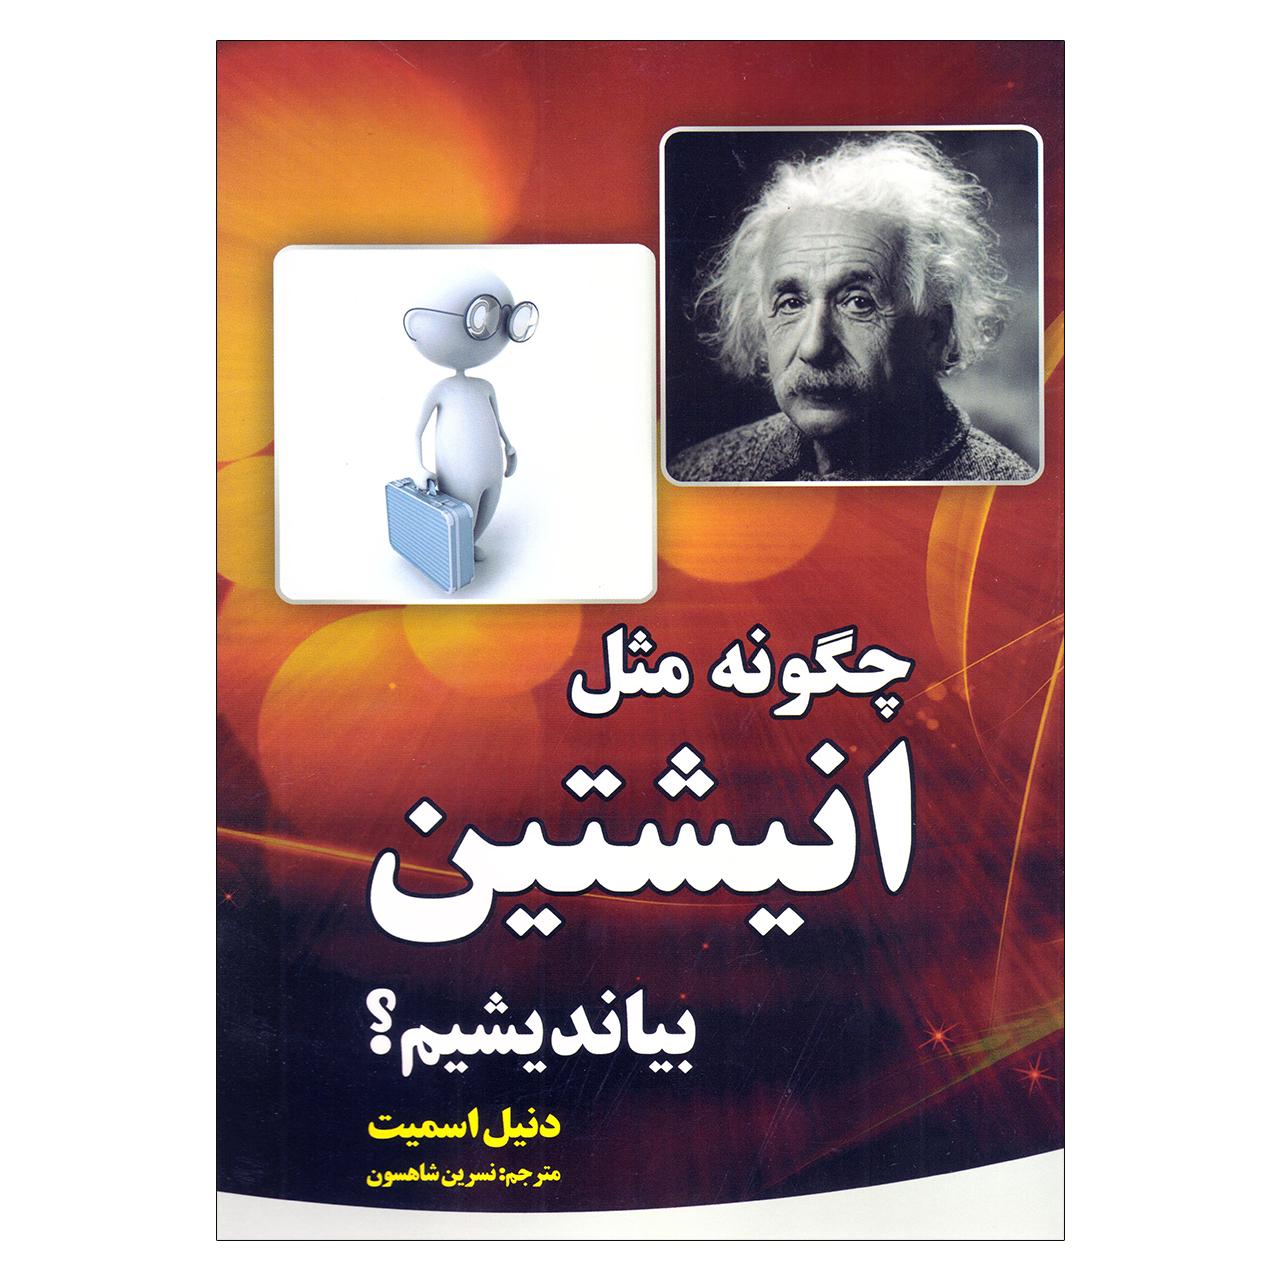 خرید                      کتاب چگونه مثل انیشتین بیاندیشیم؟ اثر دنیل اسمیت نشر آثار نور